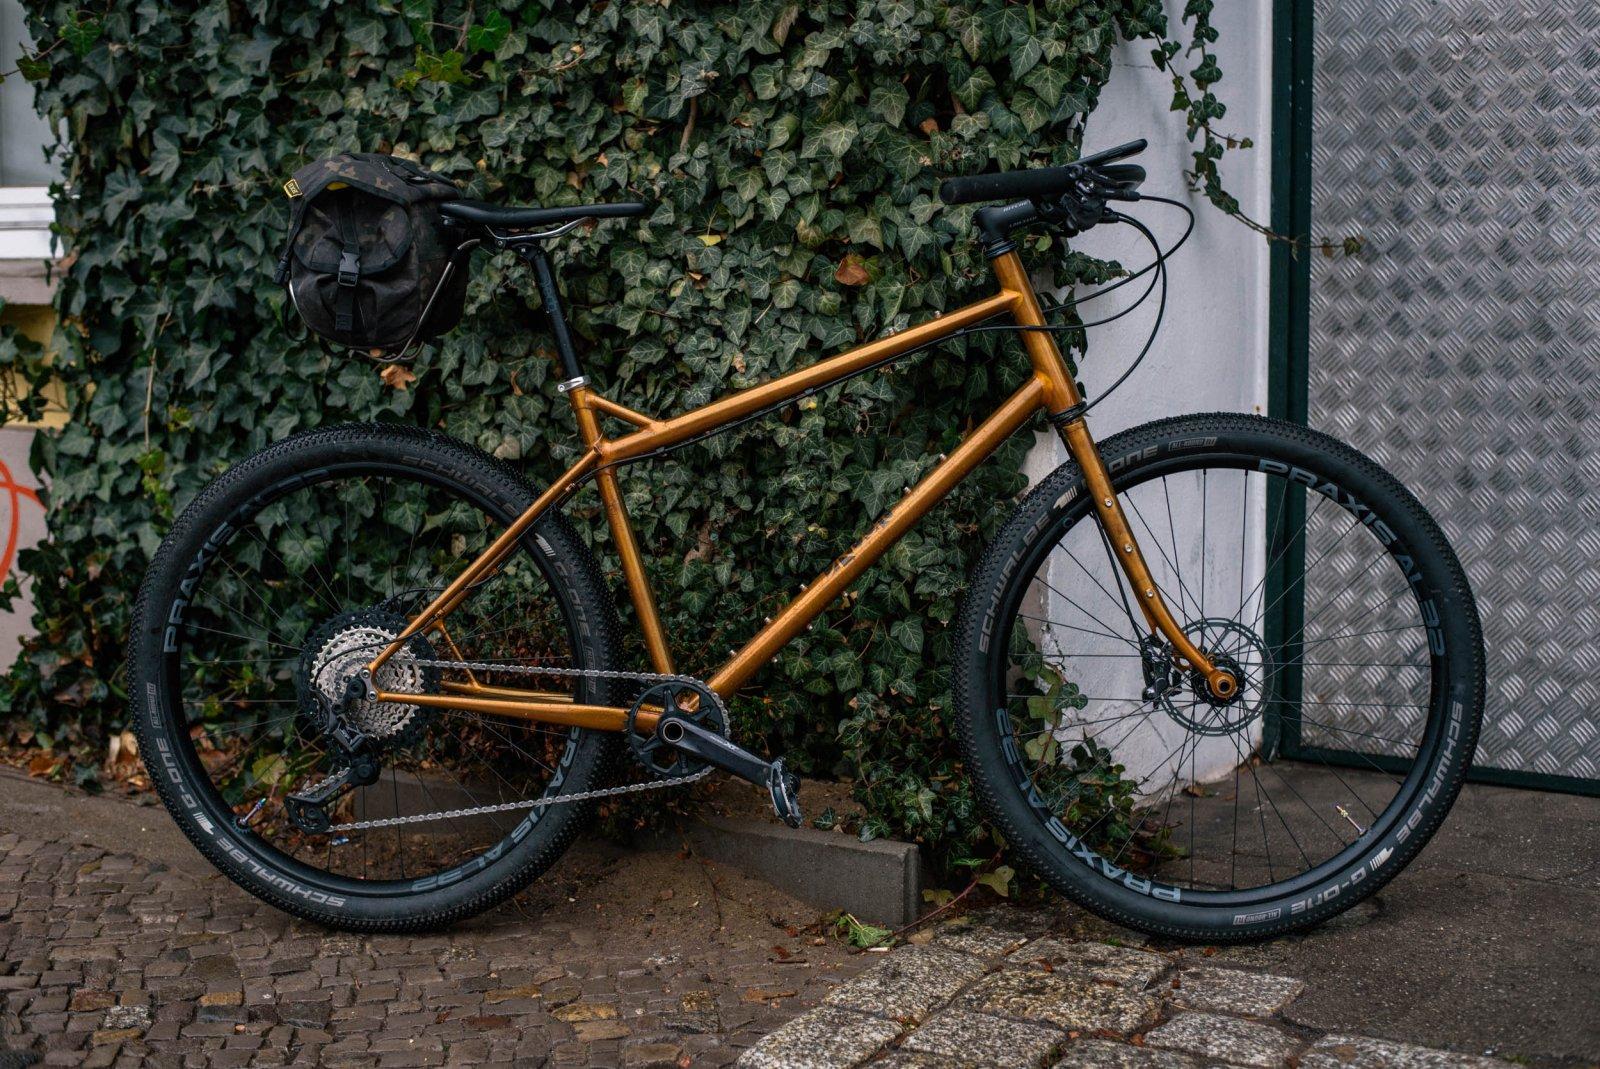 Drust-Cycles-Tobis-All-Roader-Panted-4.jpg